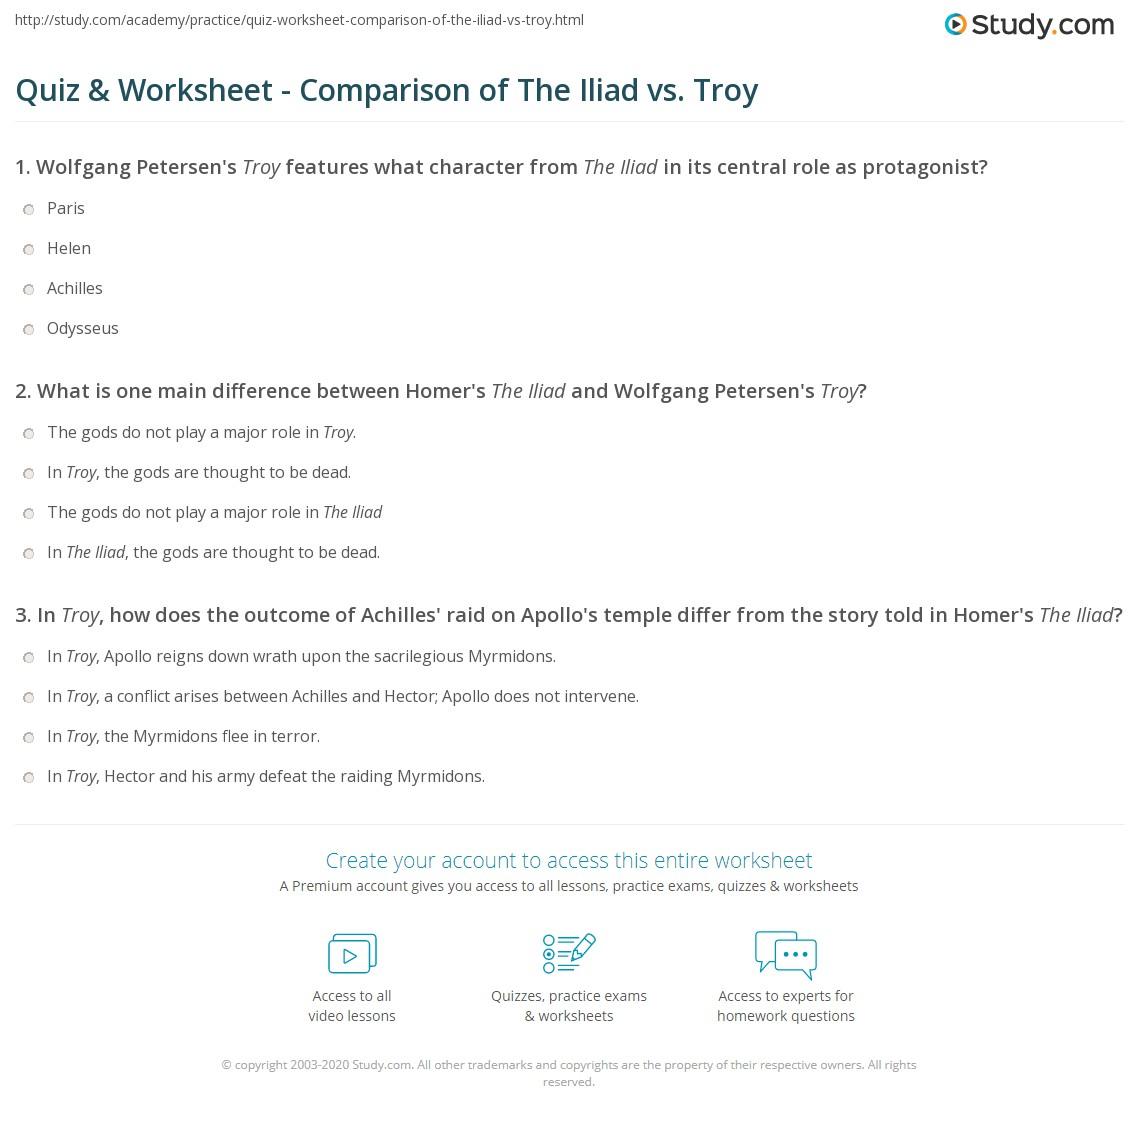 worksheet Troy Movie Worksheet quiz worksheet comparison of the iliad vs troy study com print differences similarities between worksheet